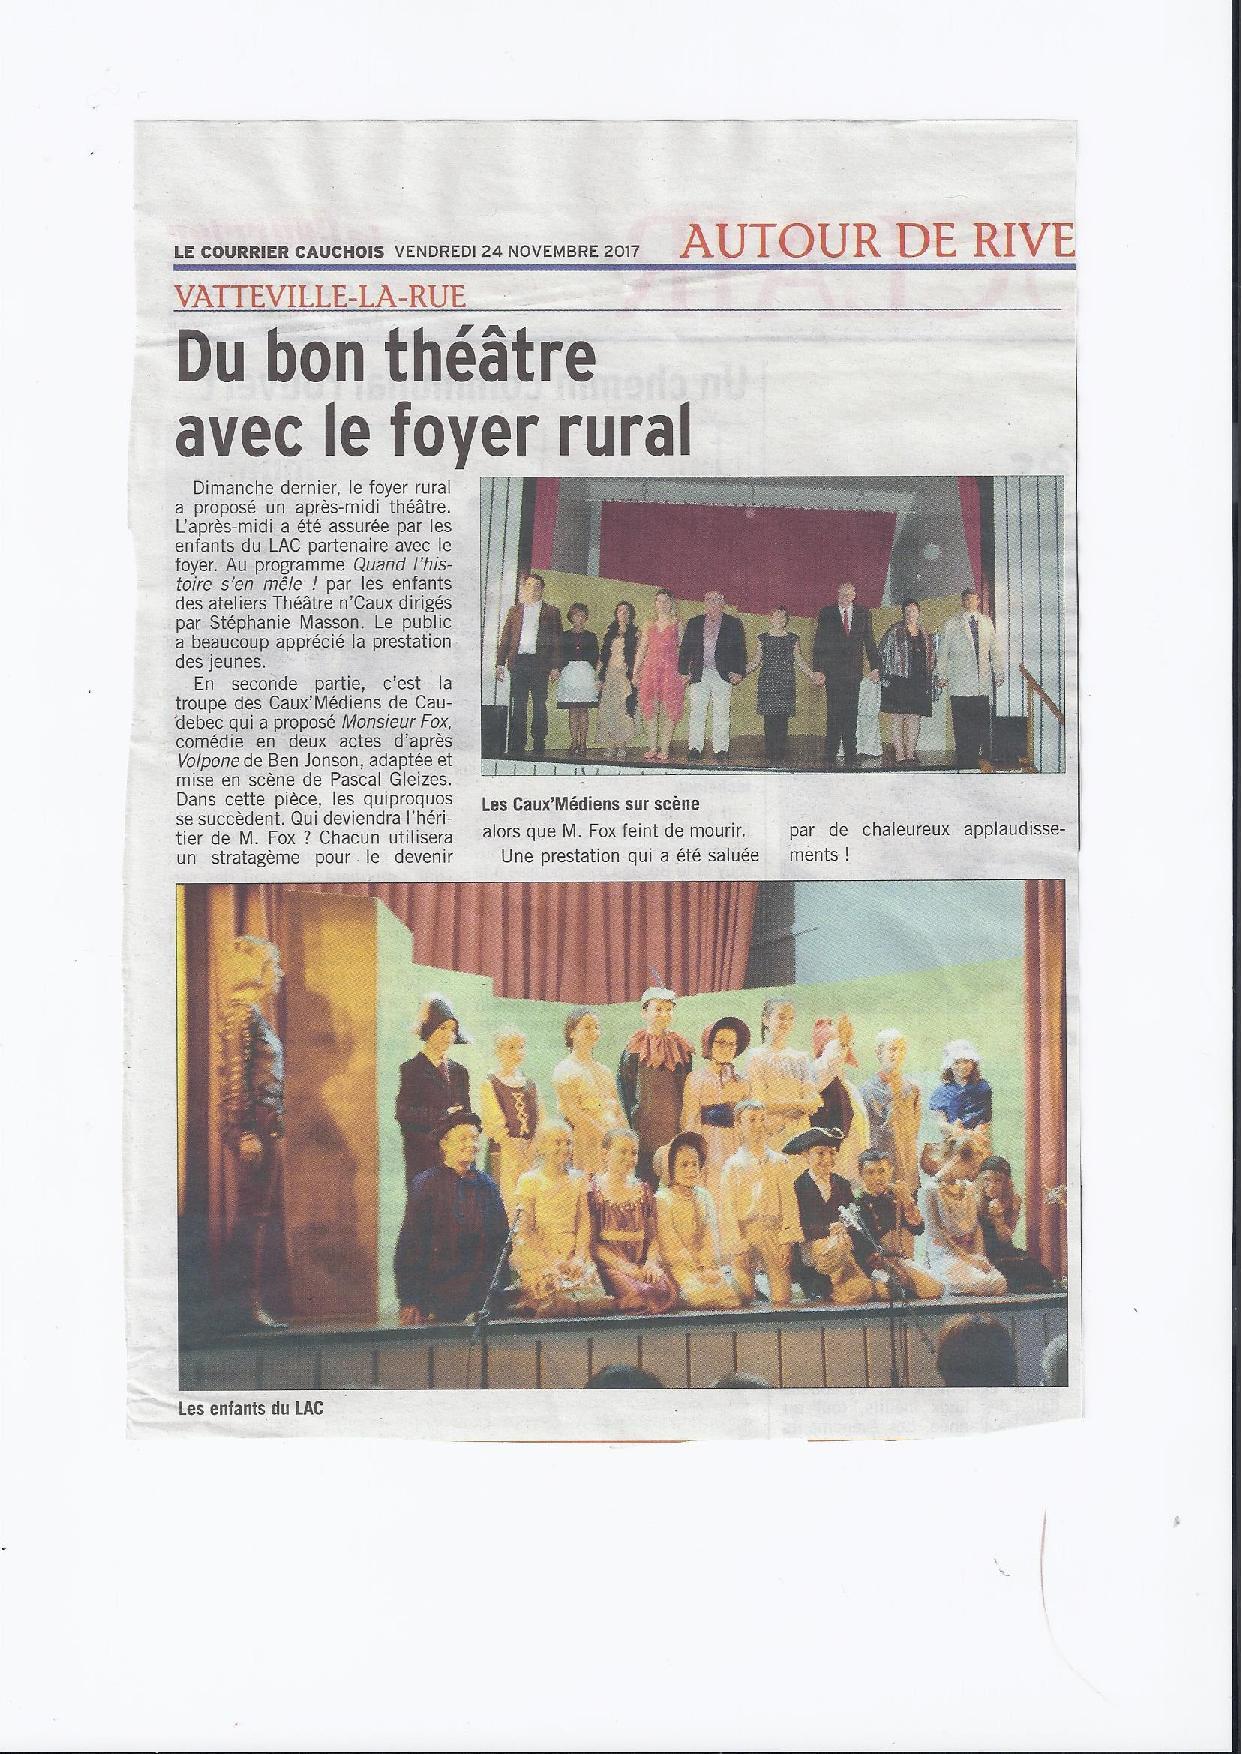 Article Courrier Cauchois sur la représentation de Théâtre